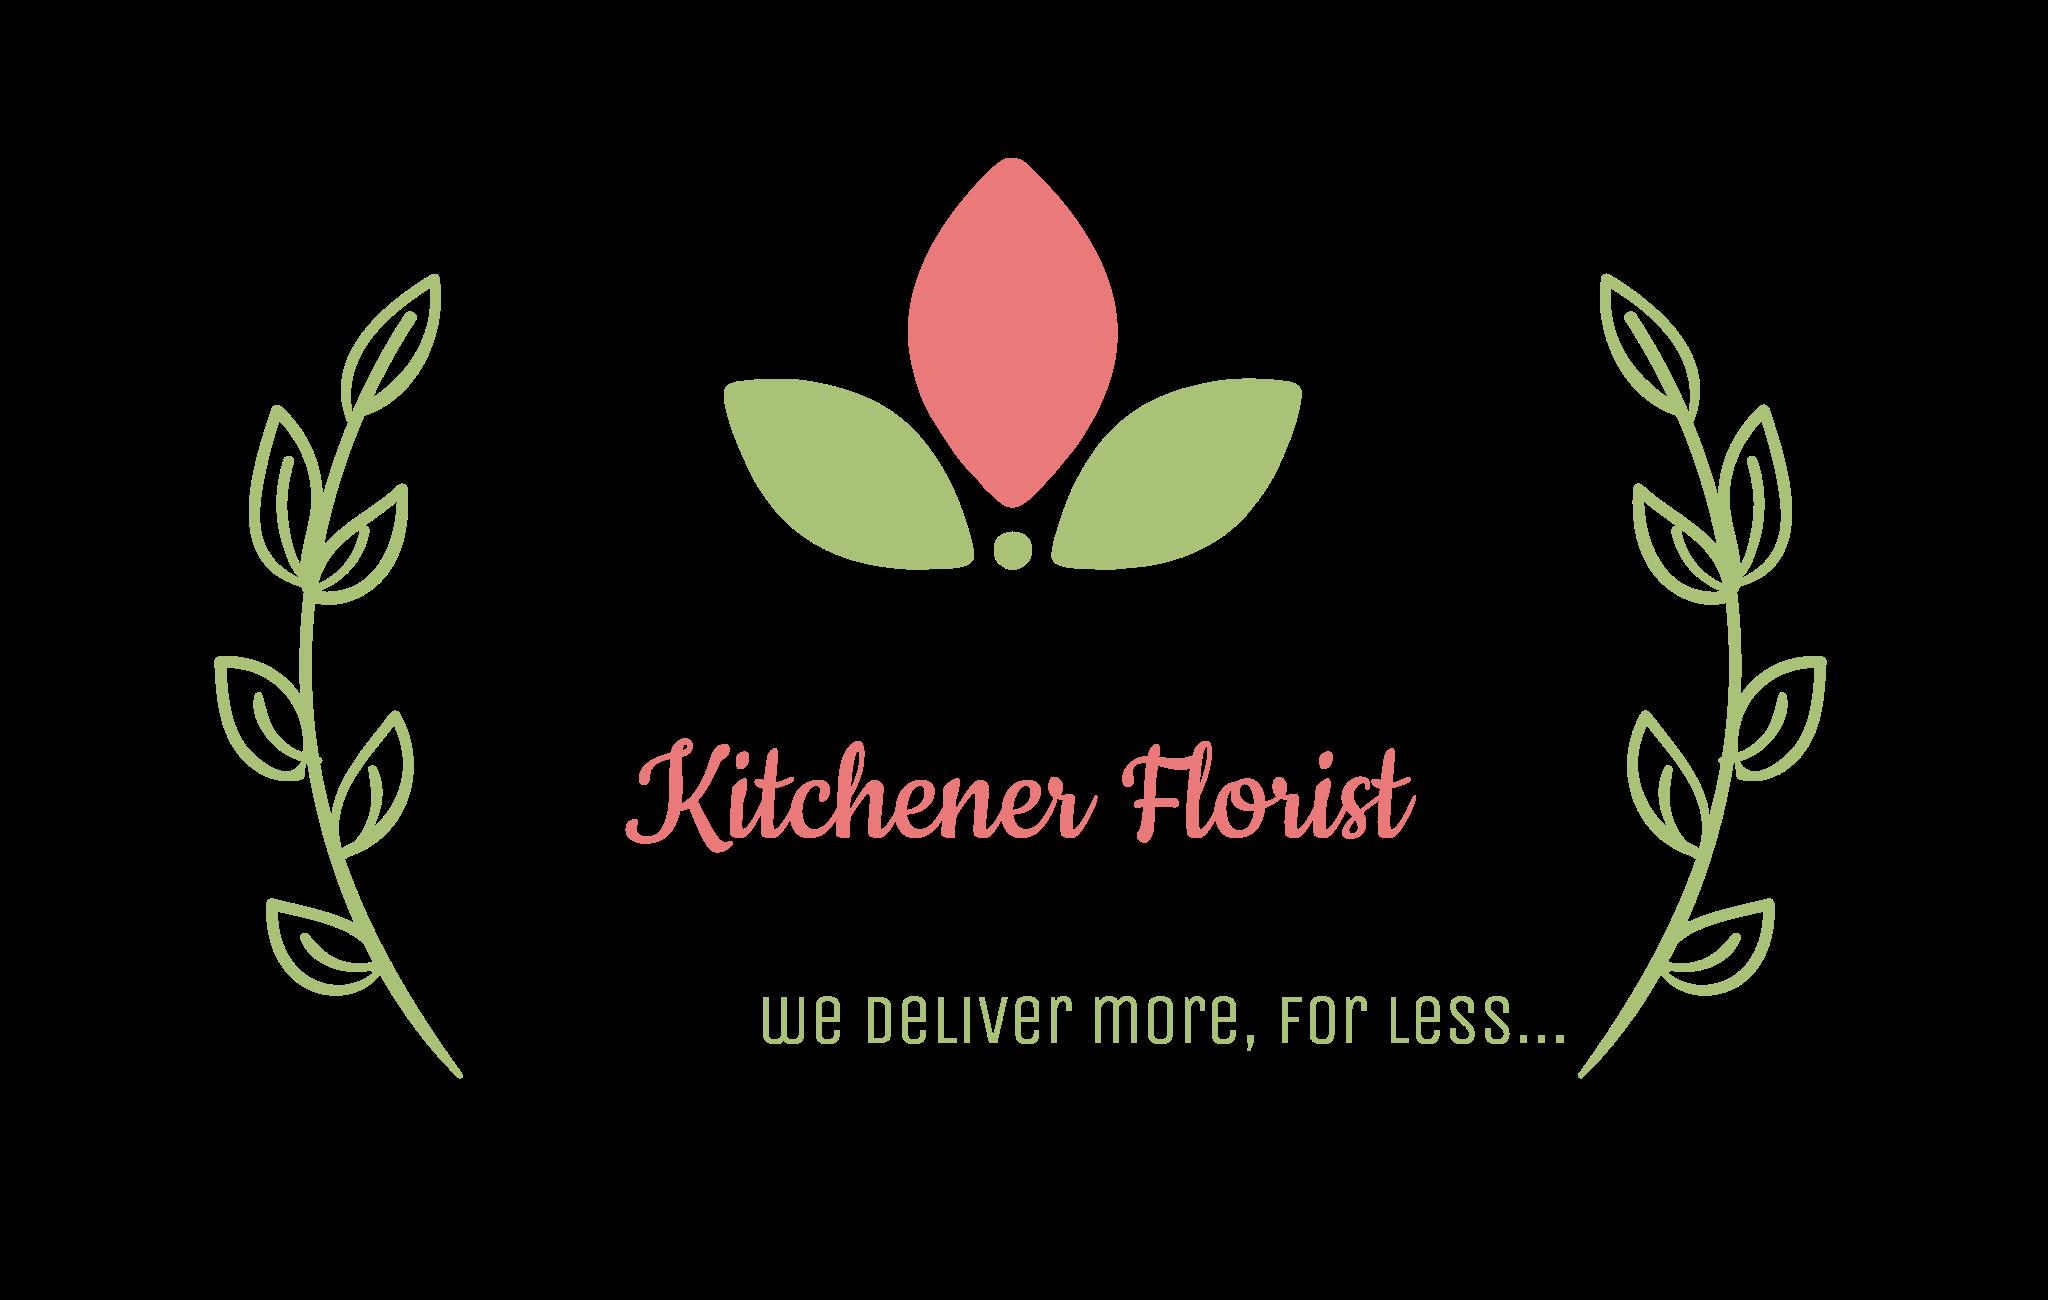 Kitchener Florist - Florists & Flower Shops